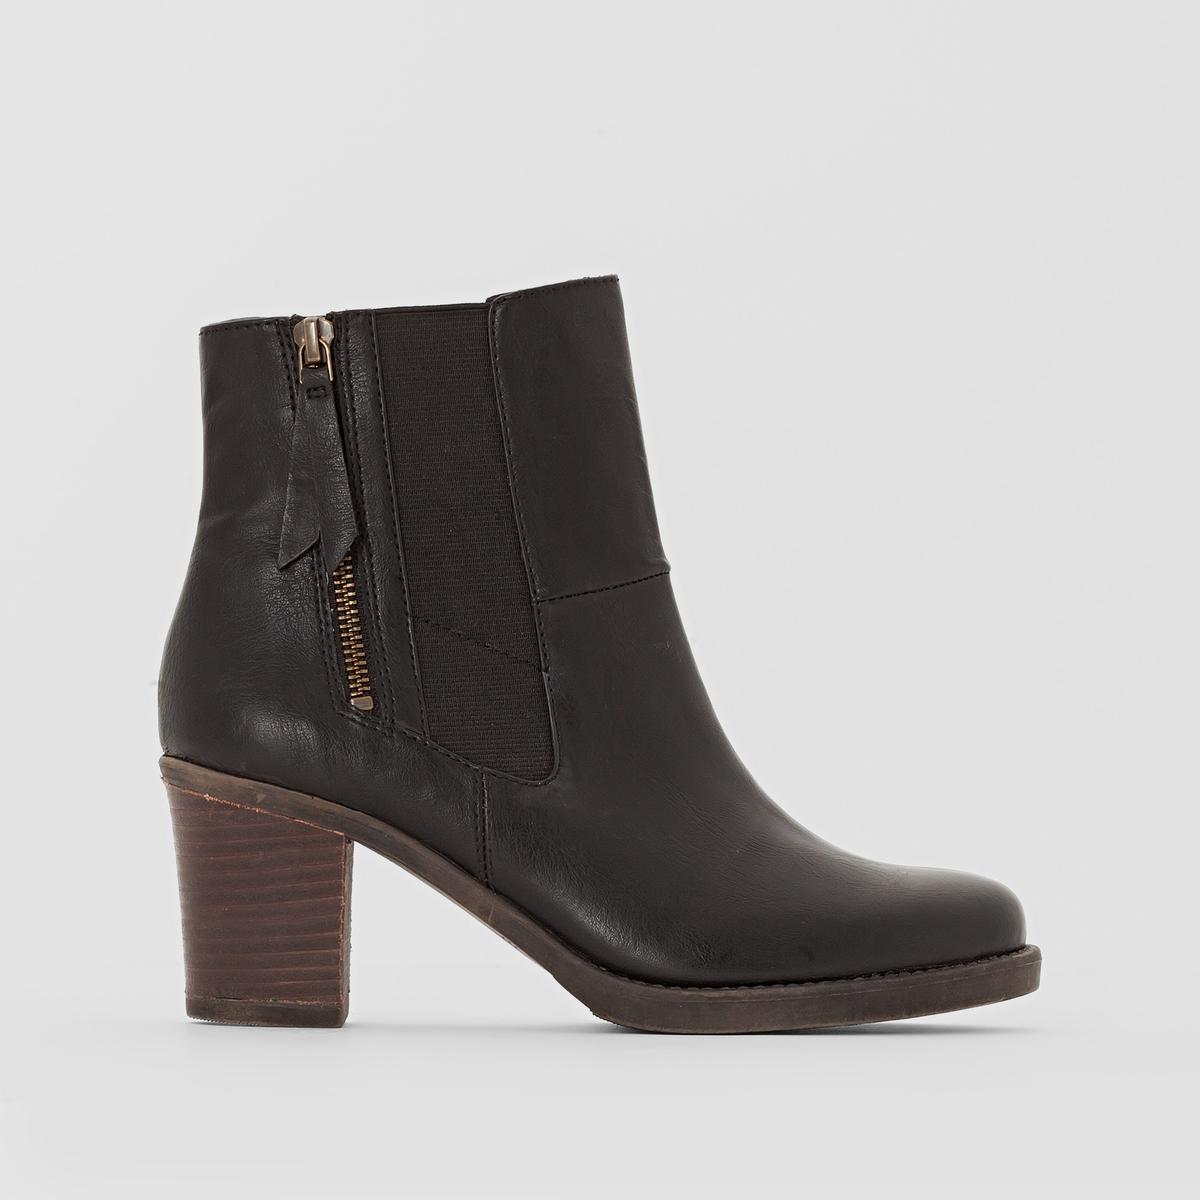 Ботильоны на каблуке MAURA BOOTIEМатериал внешний/внутренний:  полиуретан                   Подкладка: синтетический материал        Стелька: полиуретан   Подошва: каучук.    Высота каблука: 7 см   Высота голенища: 12 см    Форма каблука: широкий   Мысок: закругленный   Застежка: на молнии<br><br>Цвет: черный